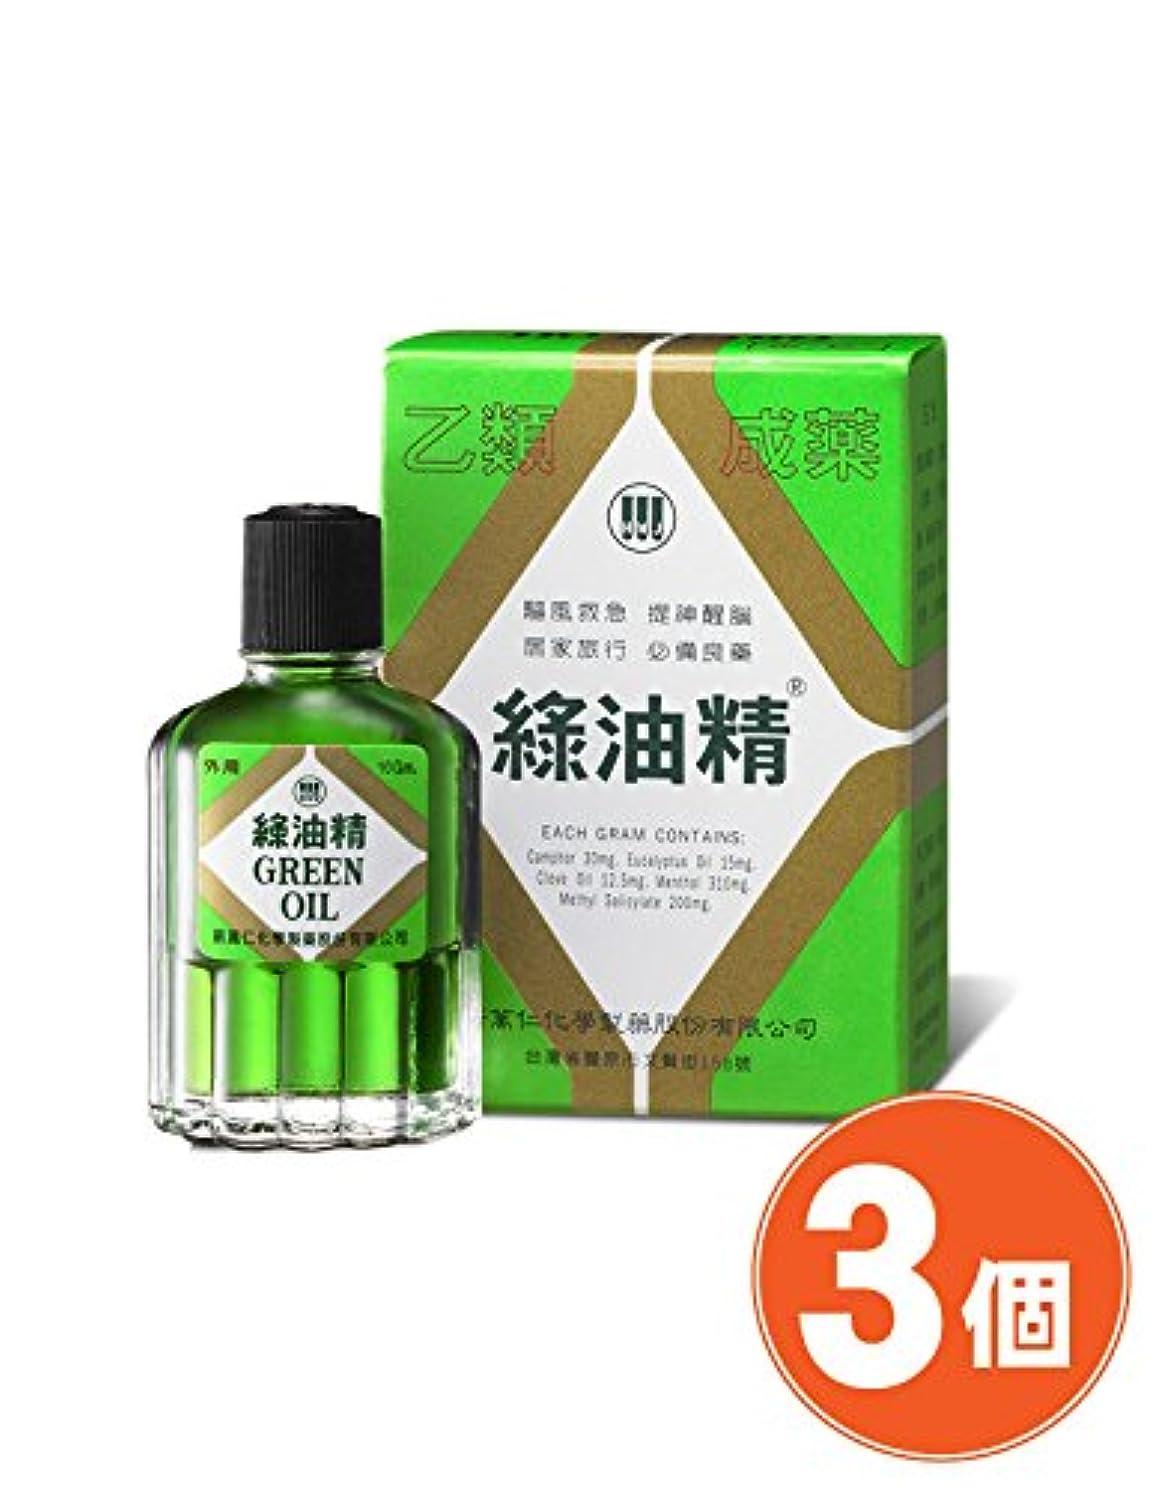 モジュール露彼女自身《新萬仁》台湾の万能グリーンオイル 緑油精 10g ×3個 《台湾 お土産》 [並行輸入品]